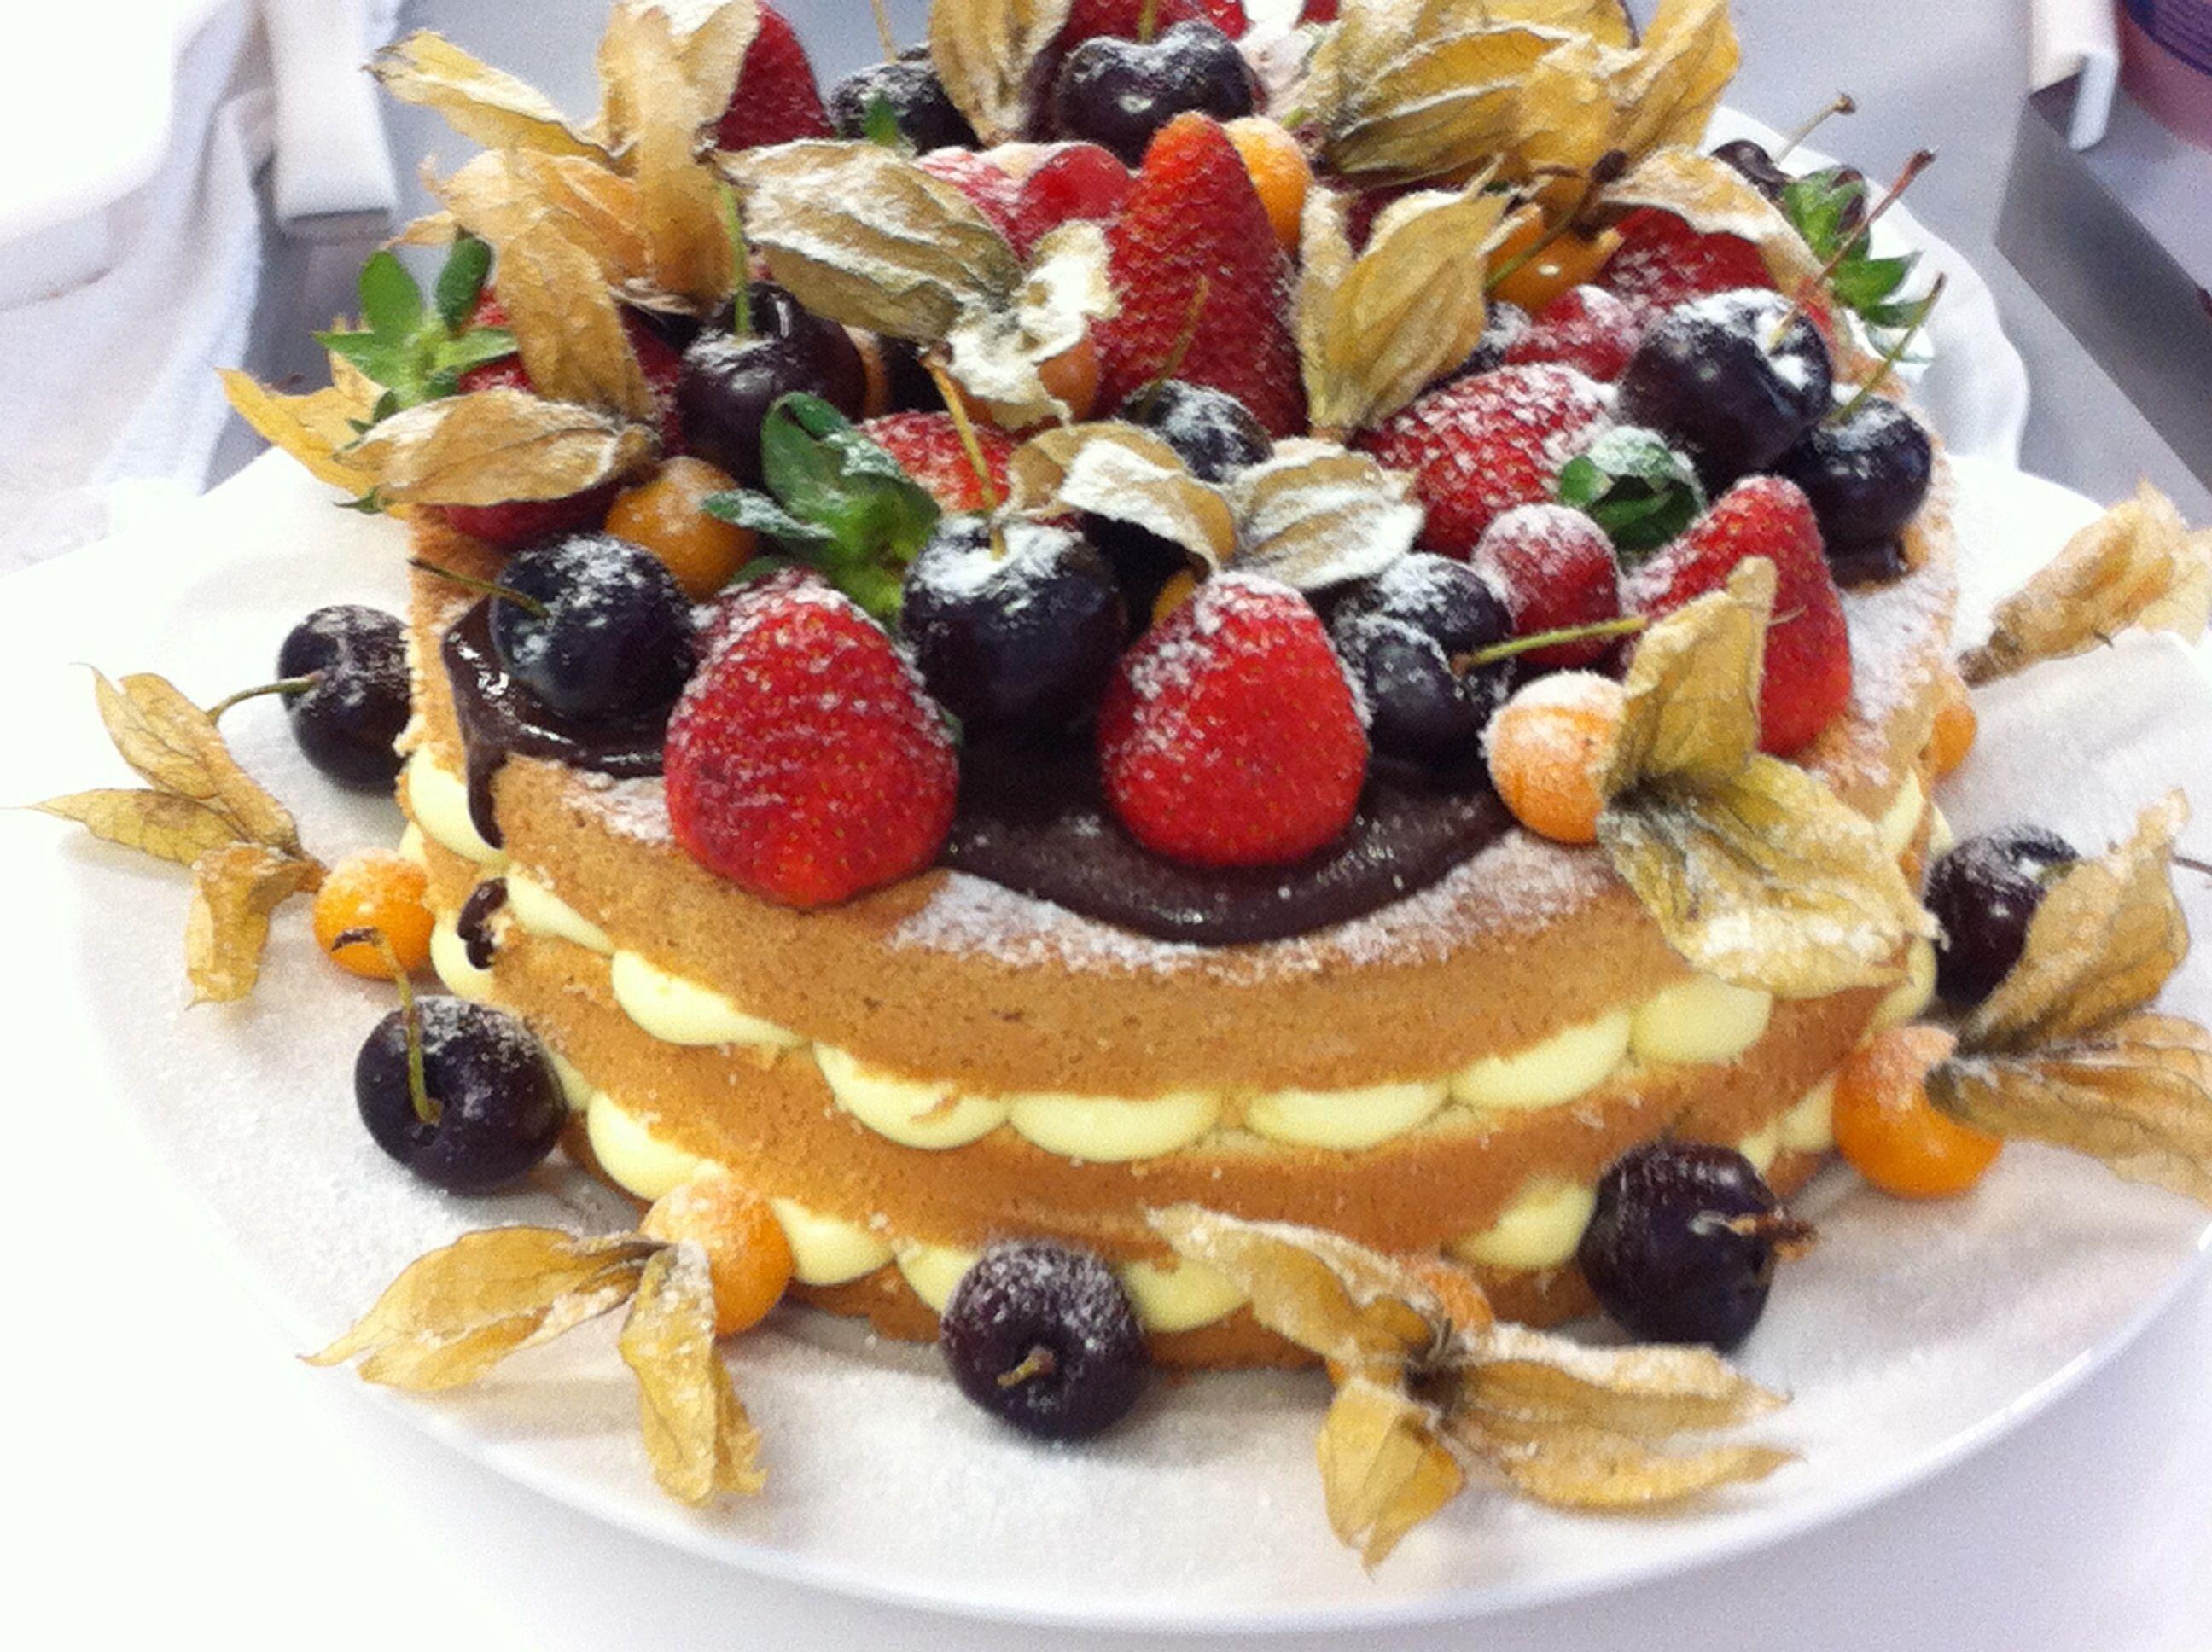 Naked Cake de Frutas vermelhas (3) | Táta Cakes Confeitaria